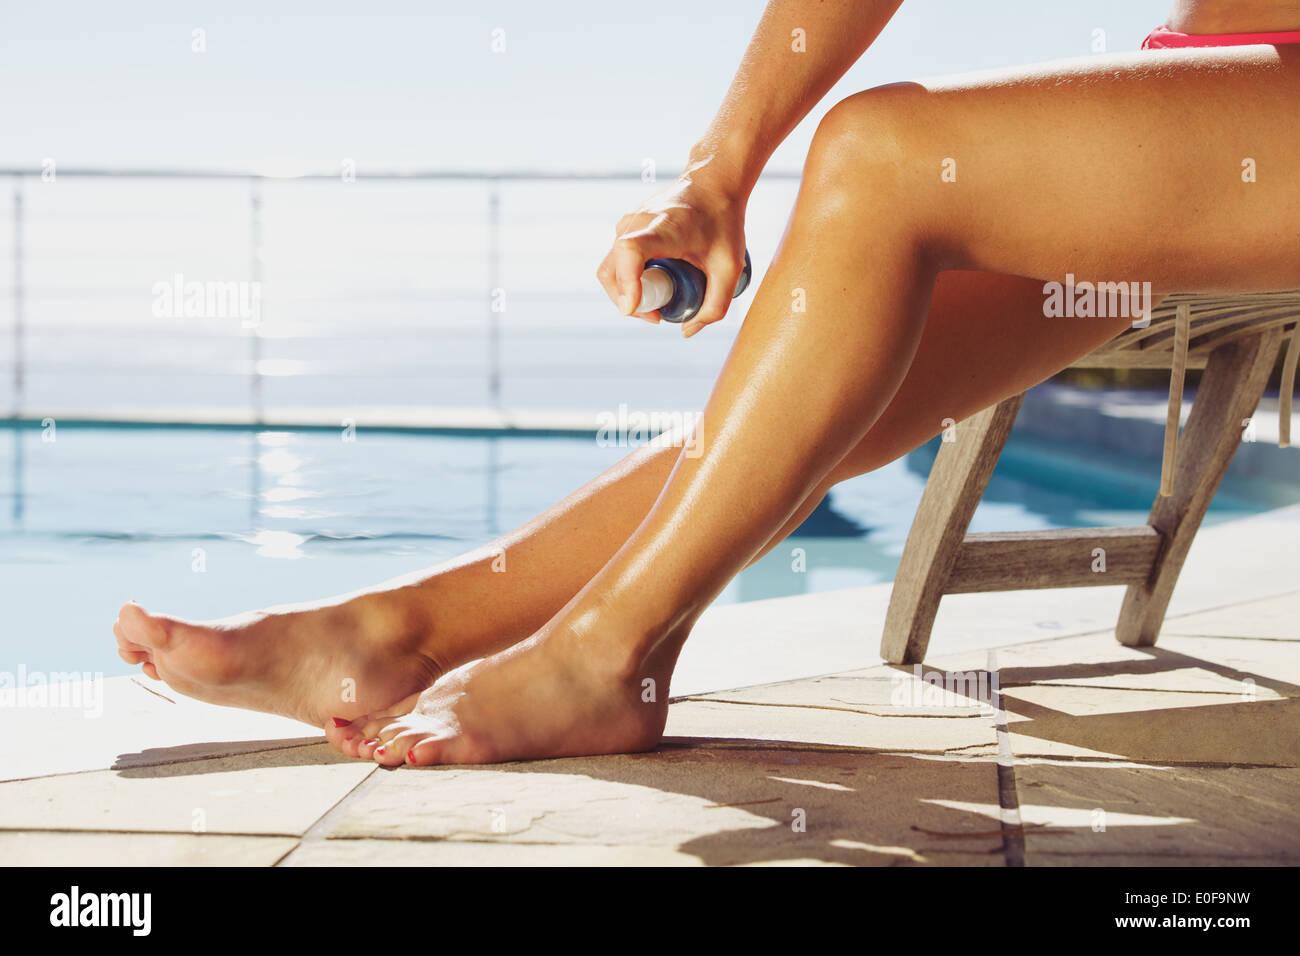 Frau Anwendung Bräune Spray auf ihre Beine. Frau sitzt auf Sessel Stuhl durch den Swimmingpool Sonnenbaden. Stockbild